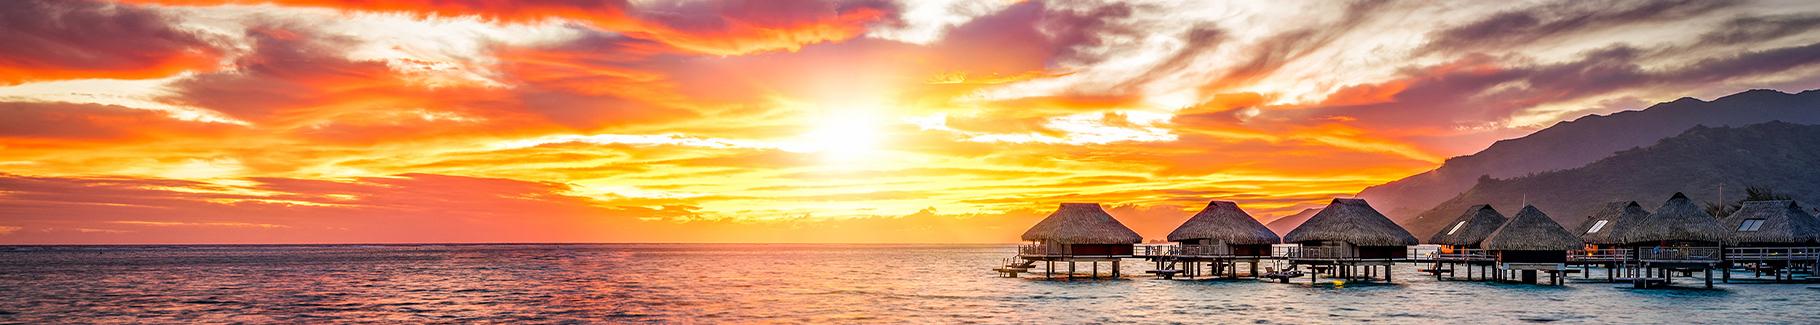 Fototapeta widok z zachodzącym słońcem